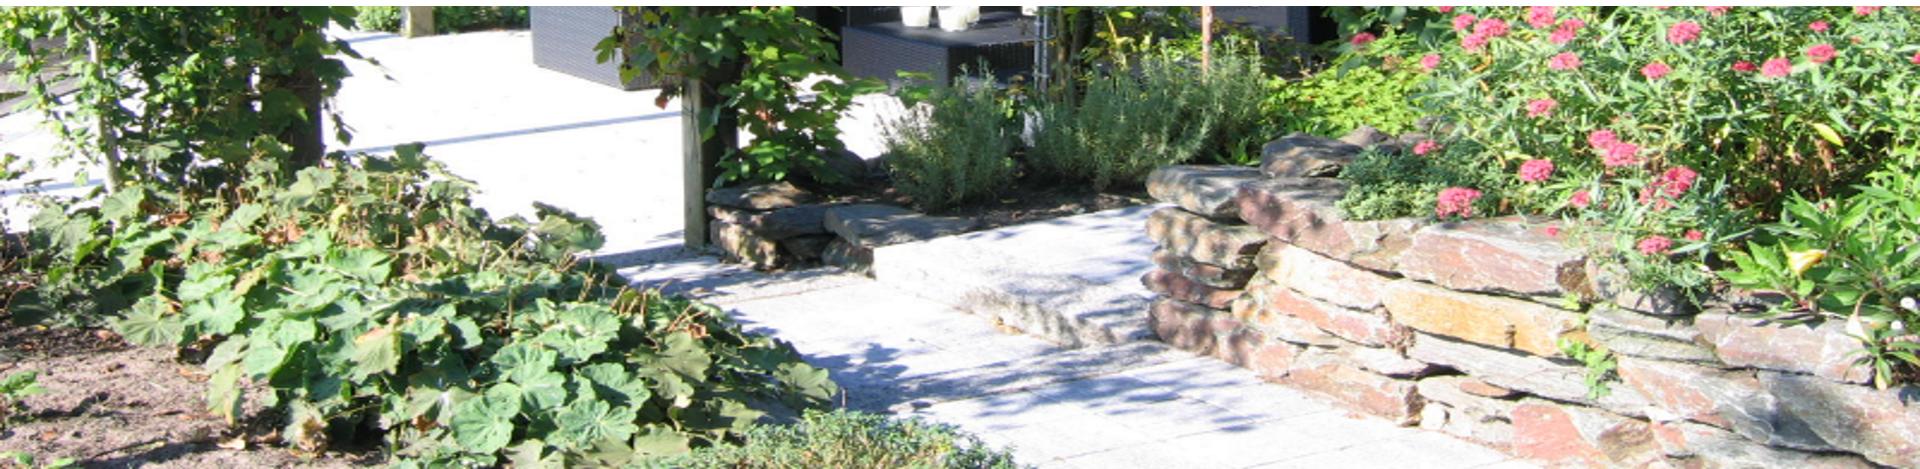 Aanleg van tuinmuren en verhogingen